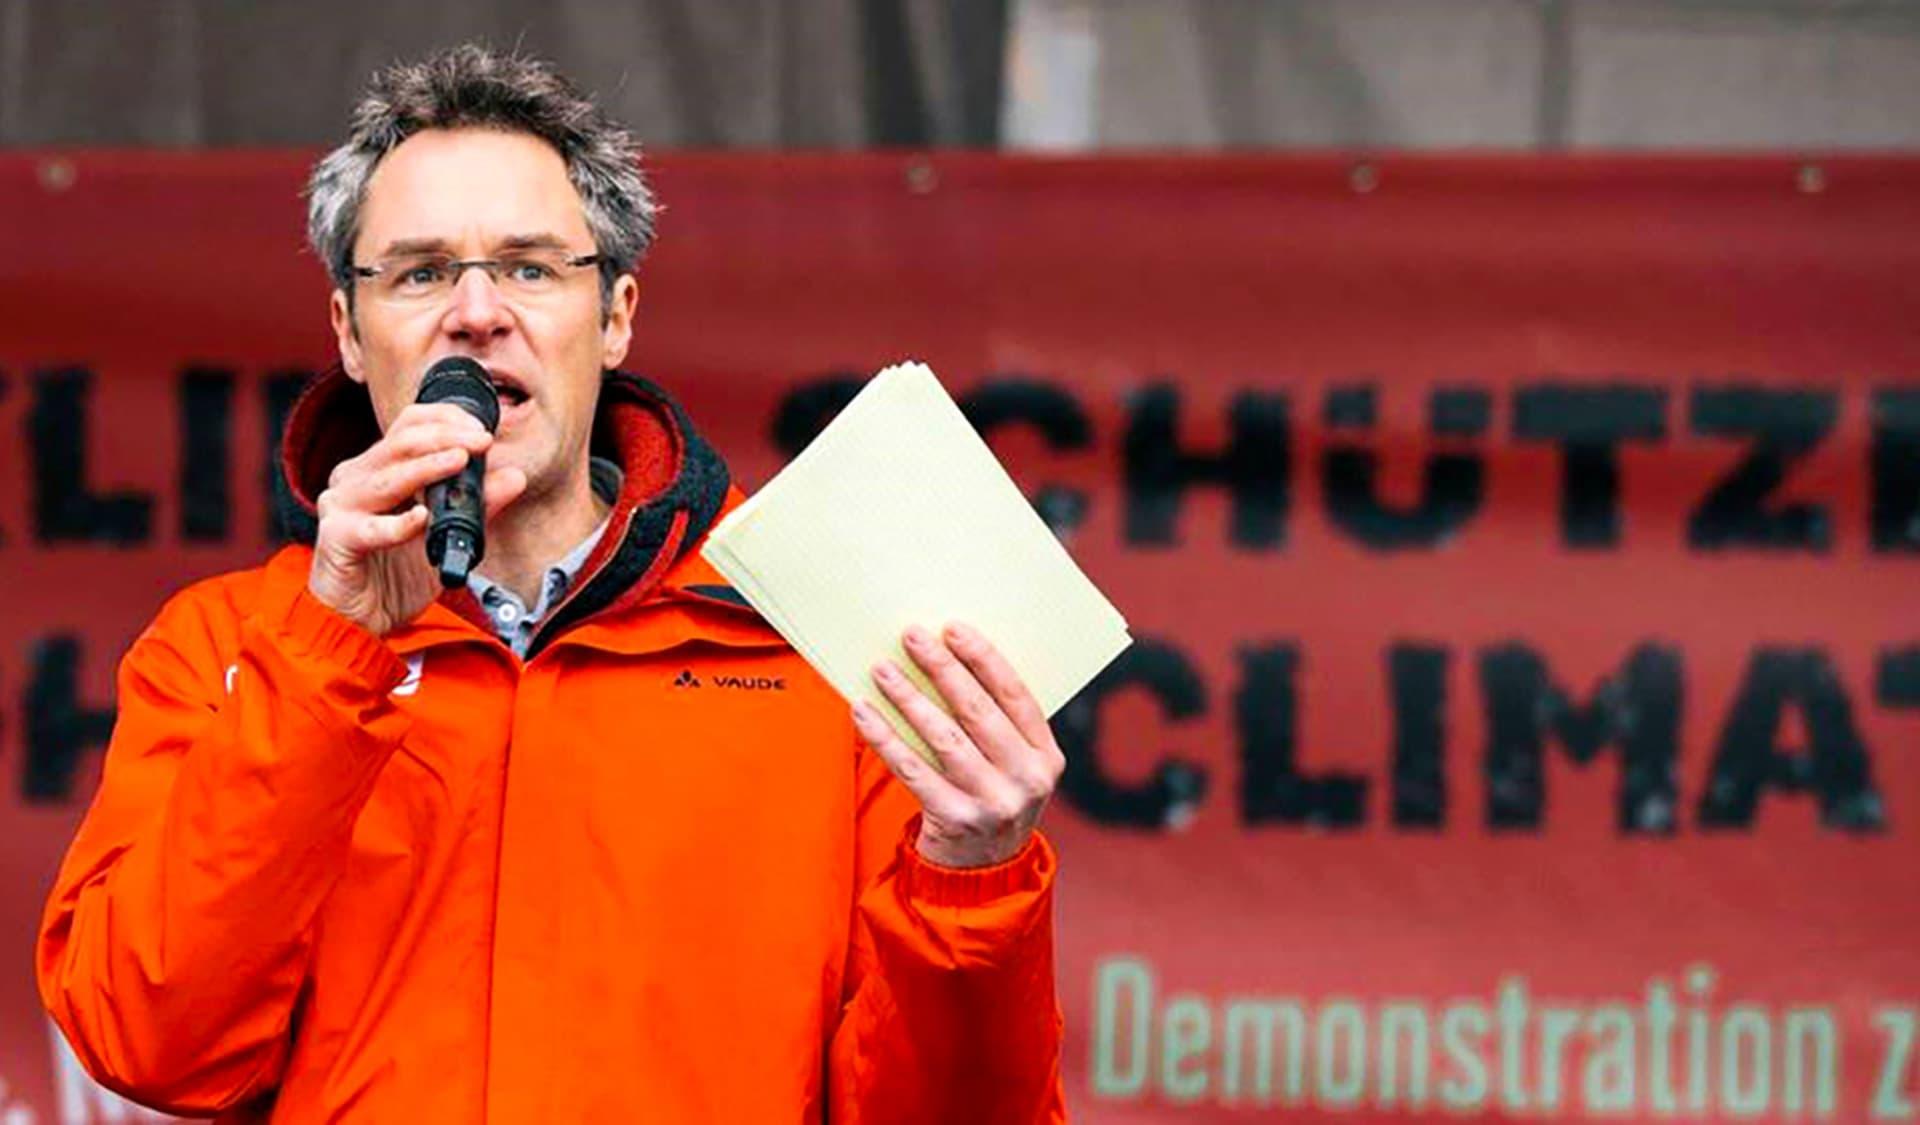 Christoph Bautz von Campact in oranger Jacke mit Mikrofon in der Hand